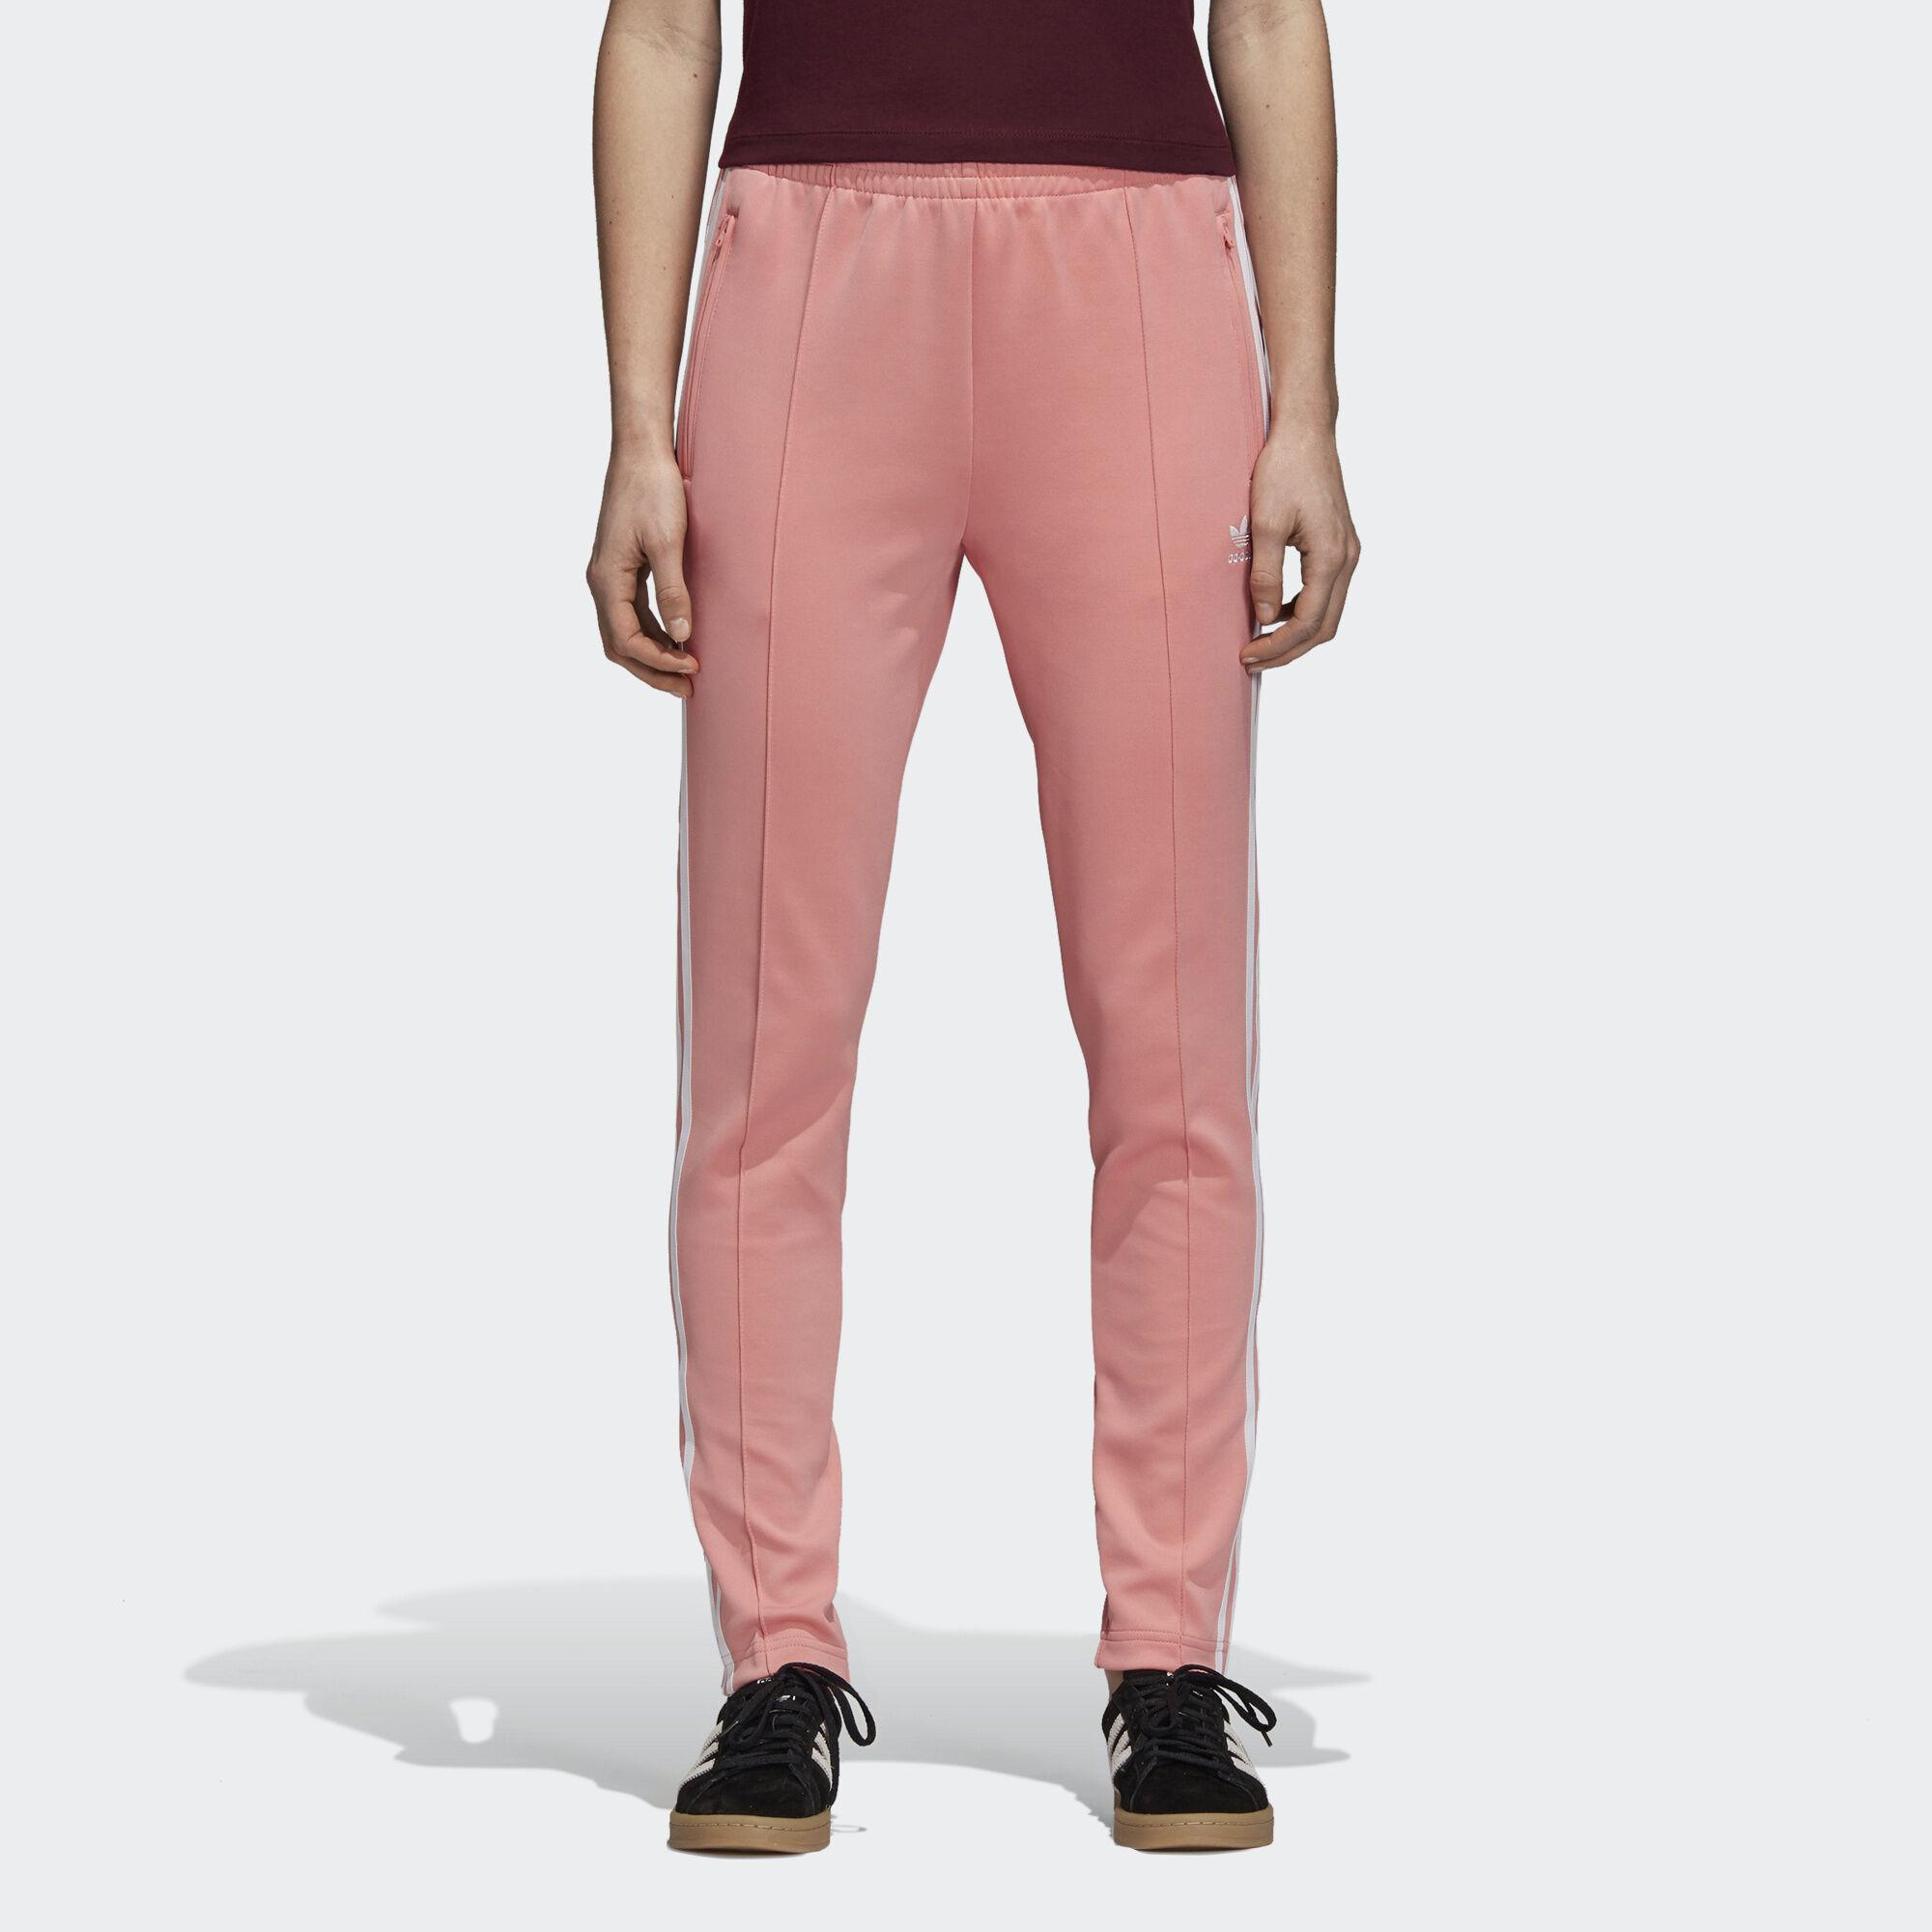 Originals Παντελόνια adidas GR